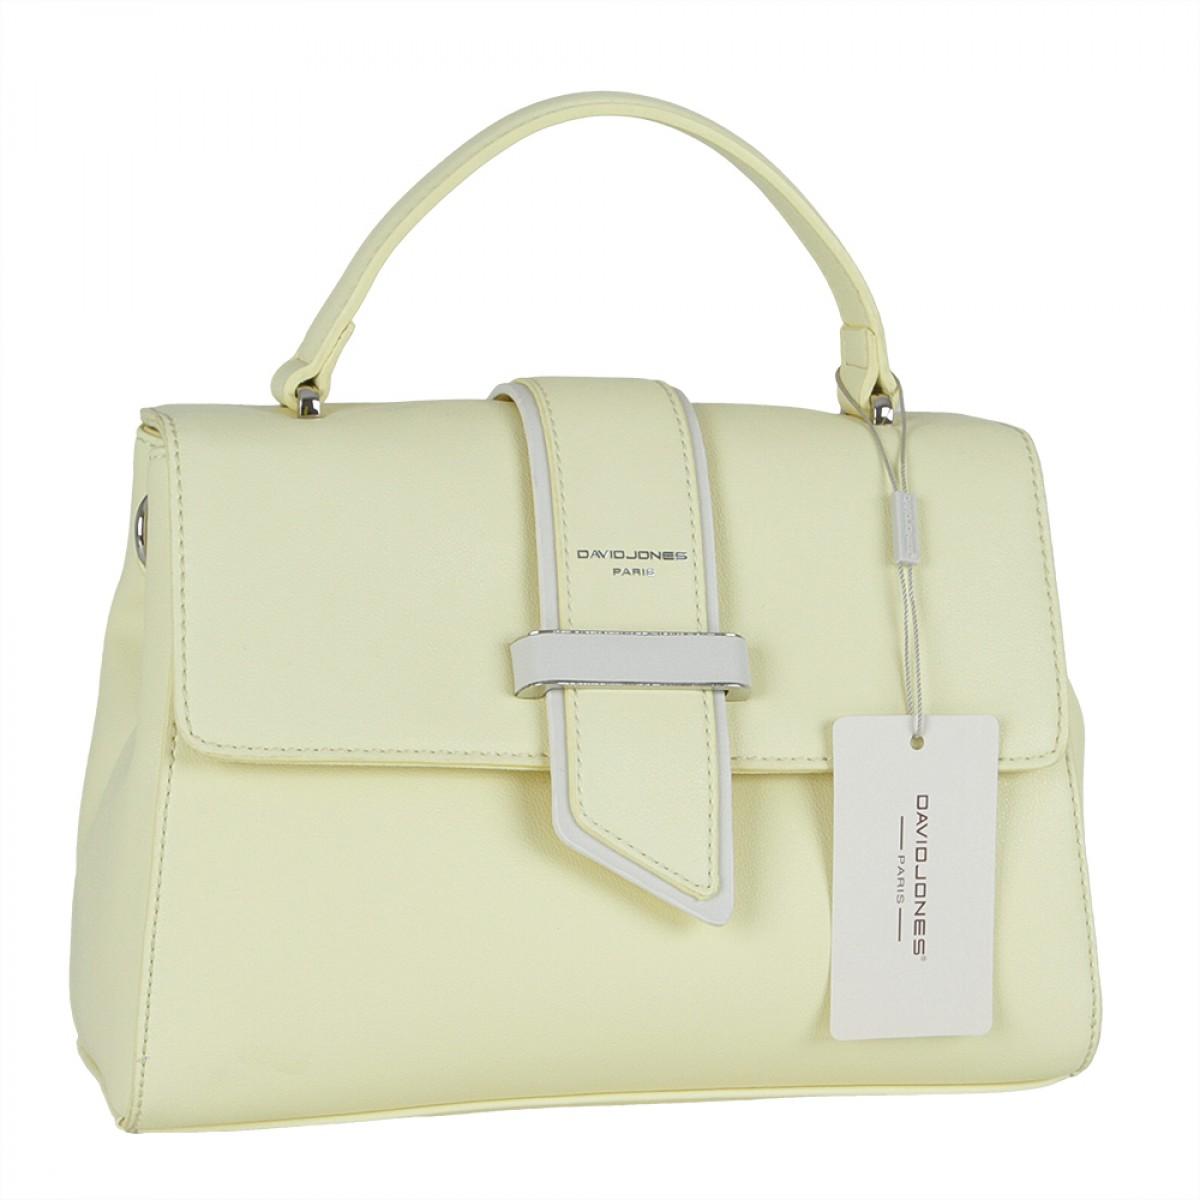 Жіноча сумка David Jones CM5680 FEINT YELLOW